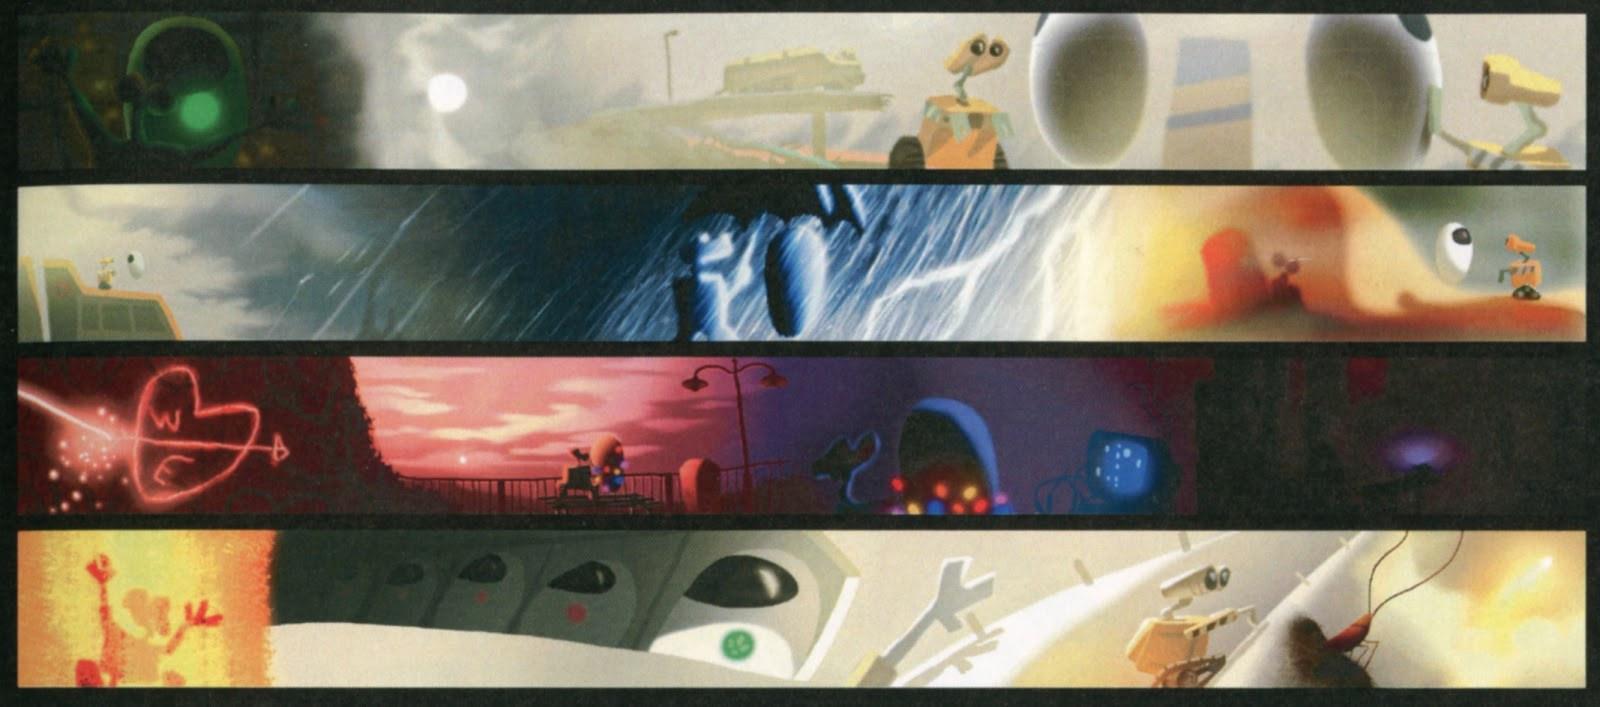 pixar color supercut video showcases the studios vivid